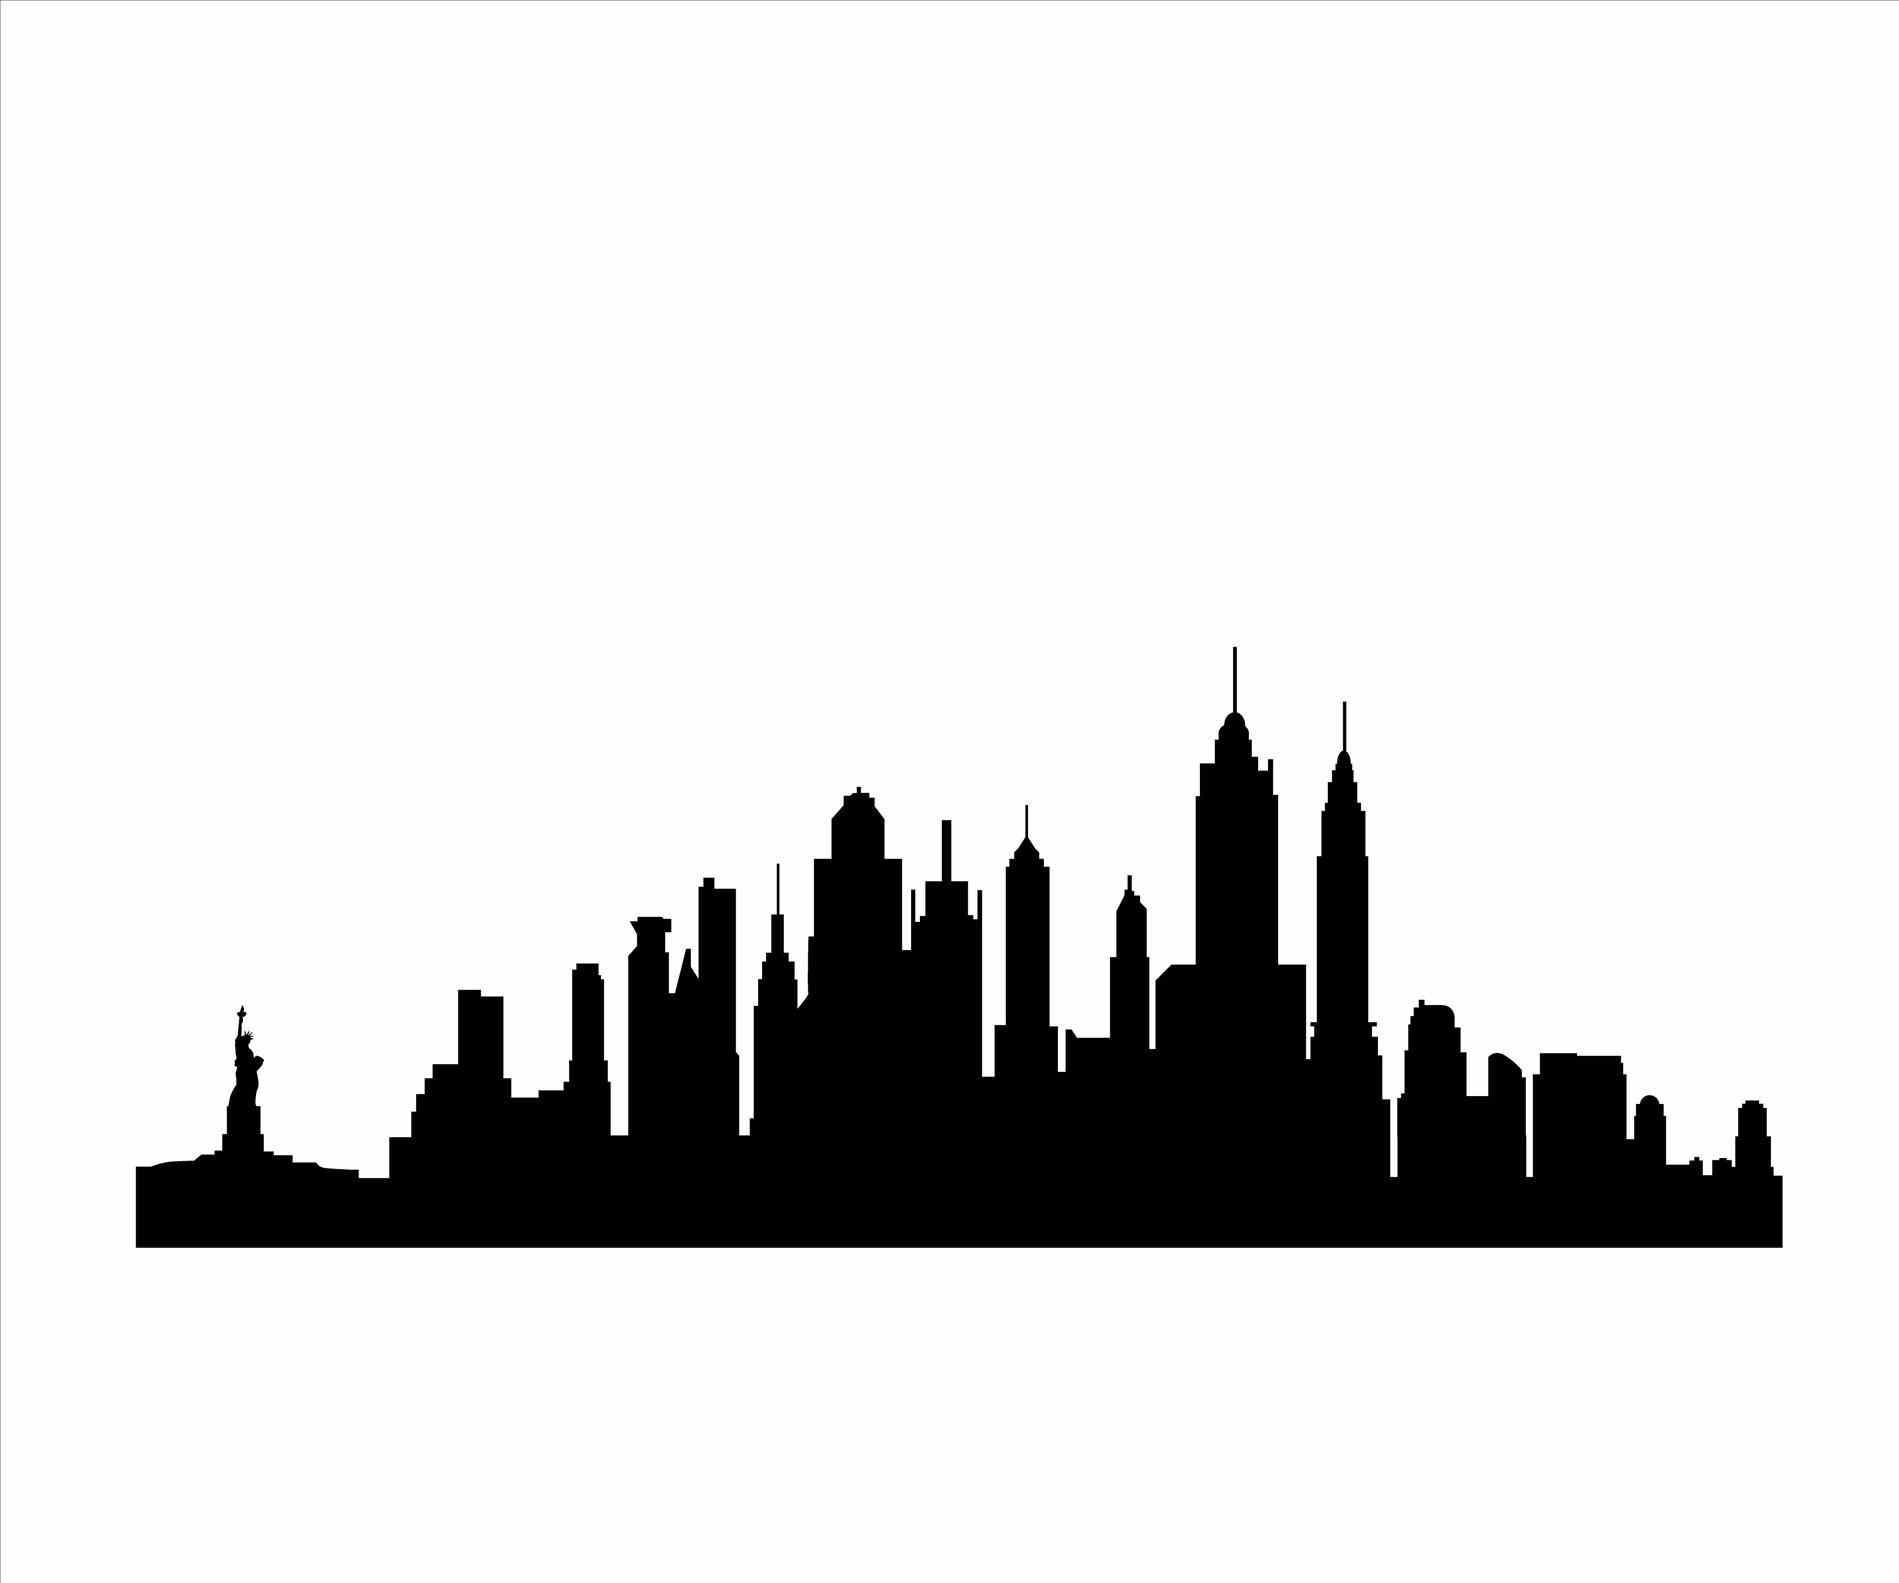 1899x1583 City Landscape Silhouette Kloiding.date